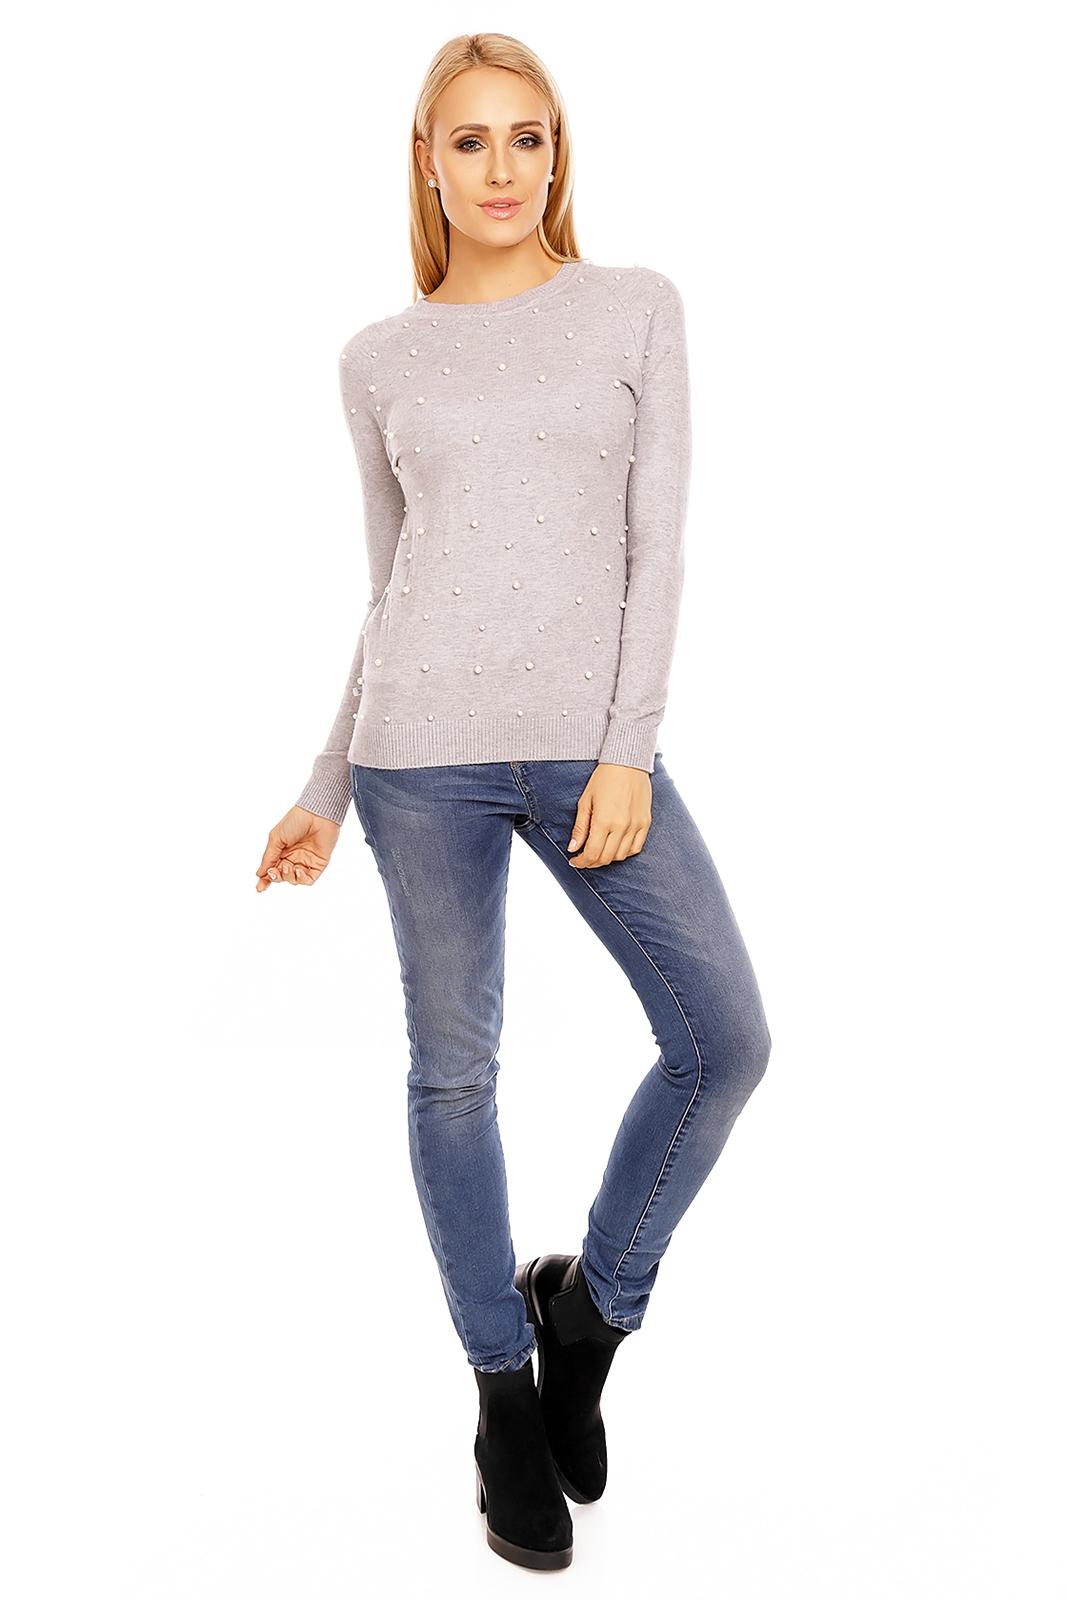 Moderní pletený svetr s perličkami - šedý - Glami.cz 54ef78db23